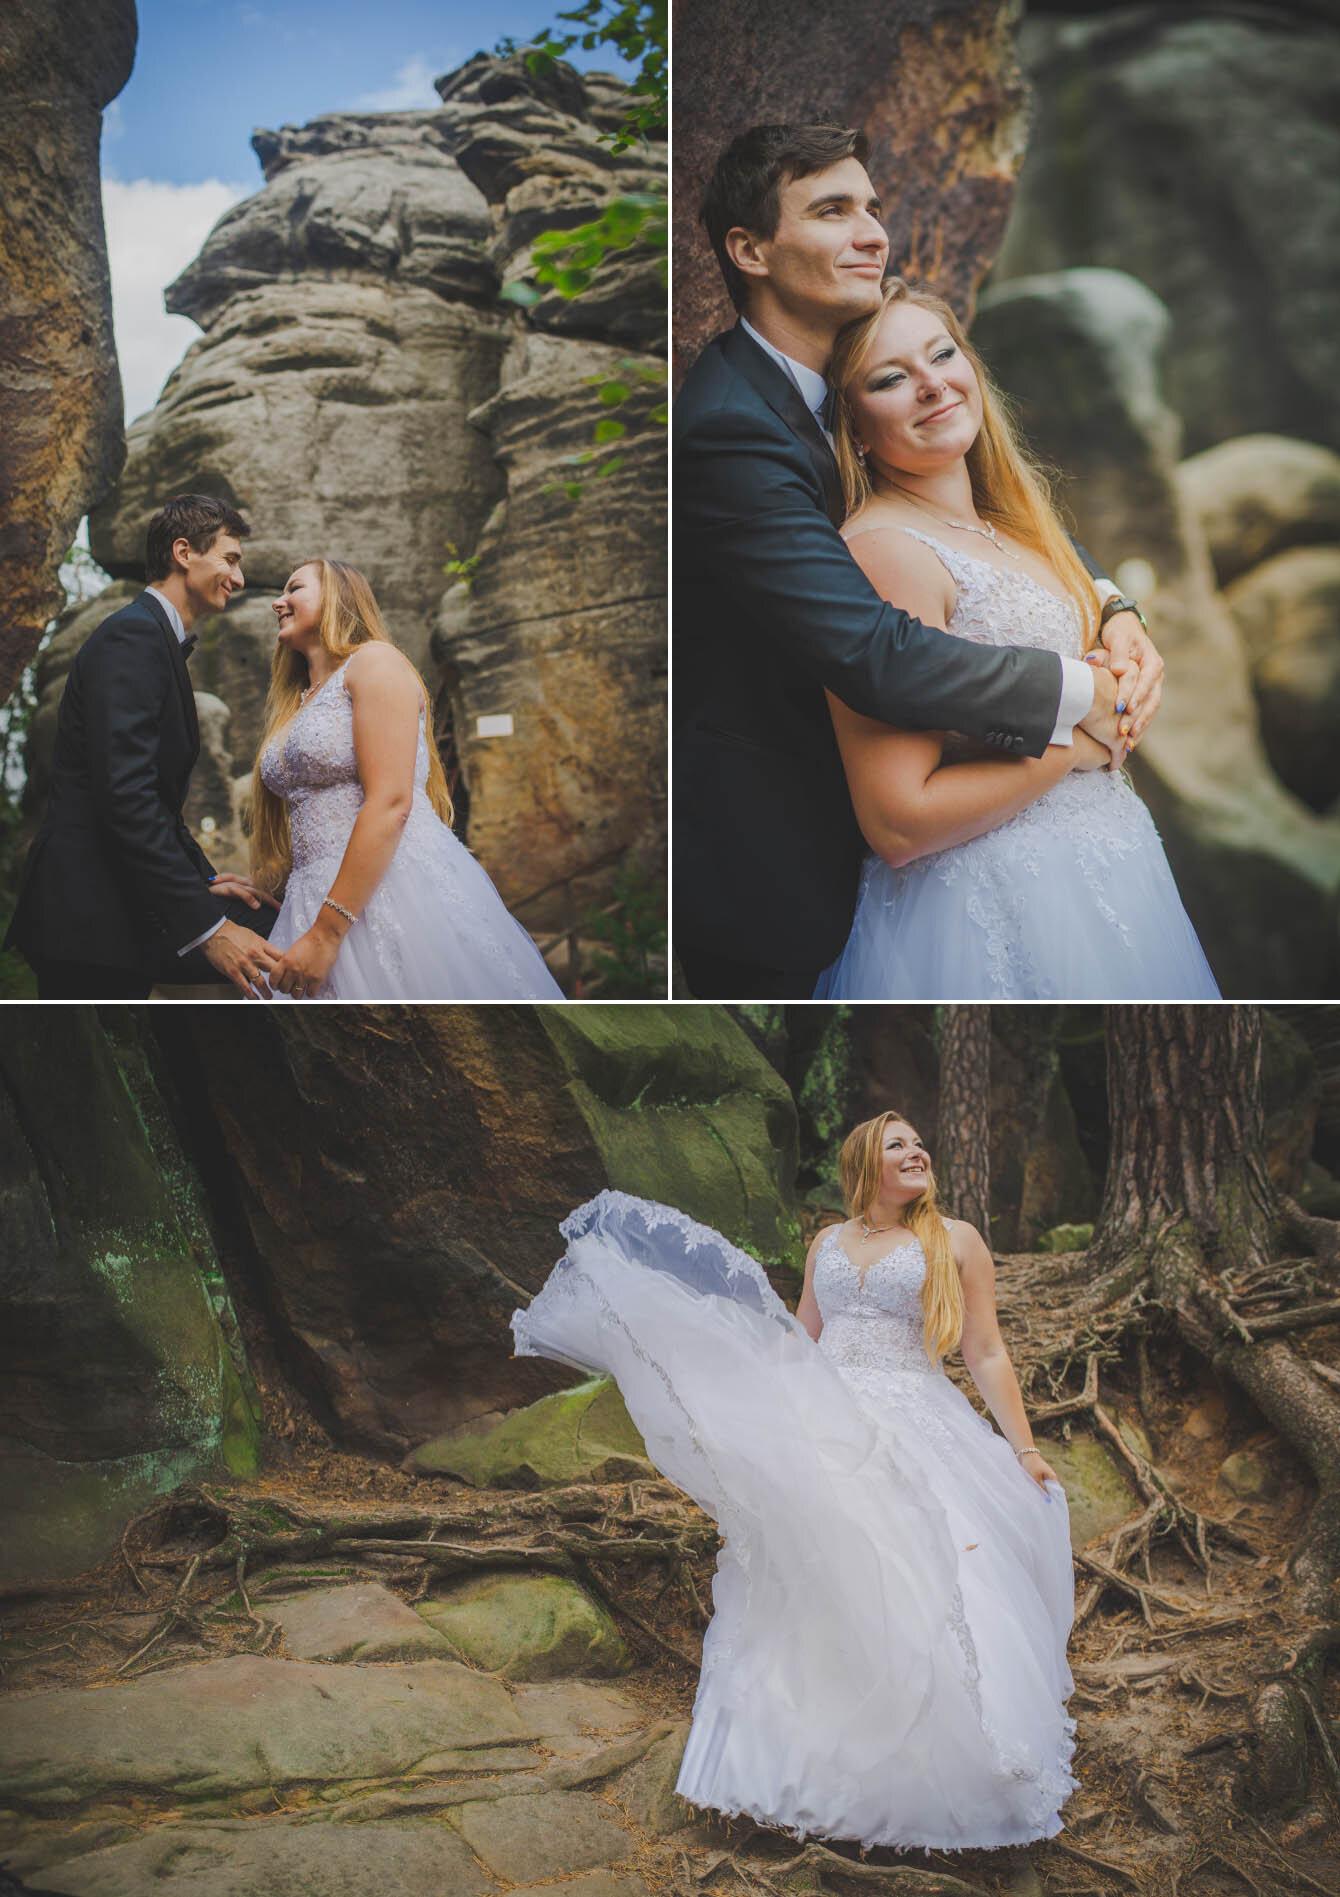 plener ślubny w skalnym miescie w czechach fotografie Bartek Wyrobek  4.jpg